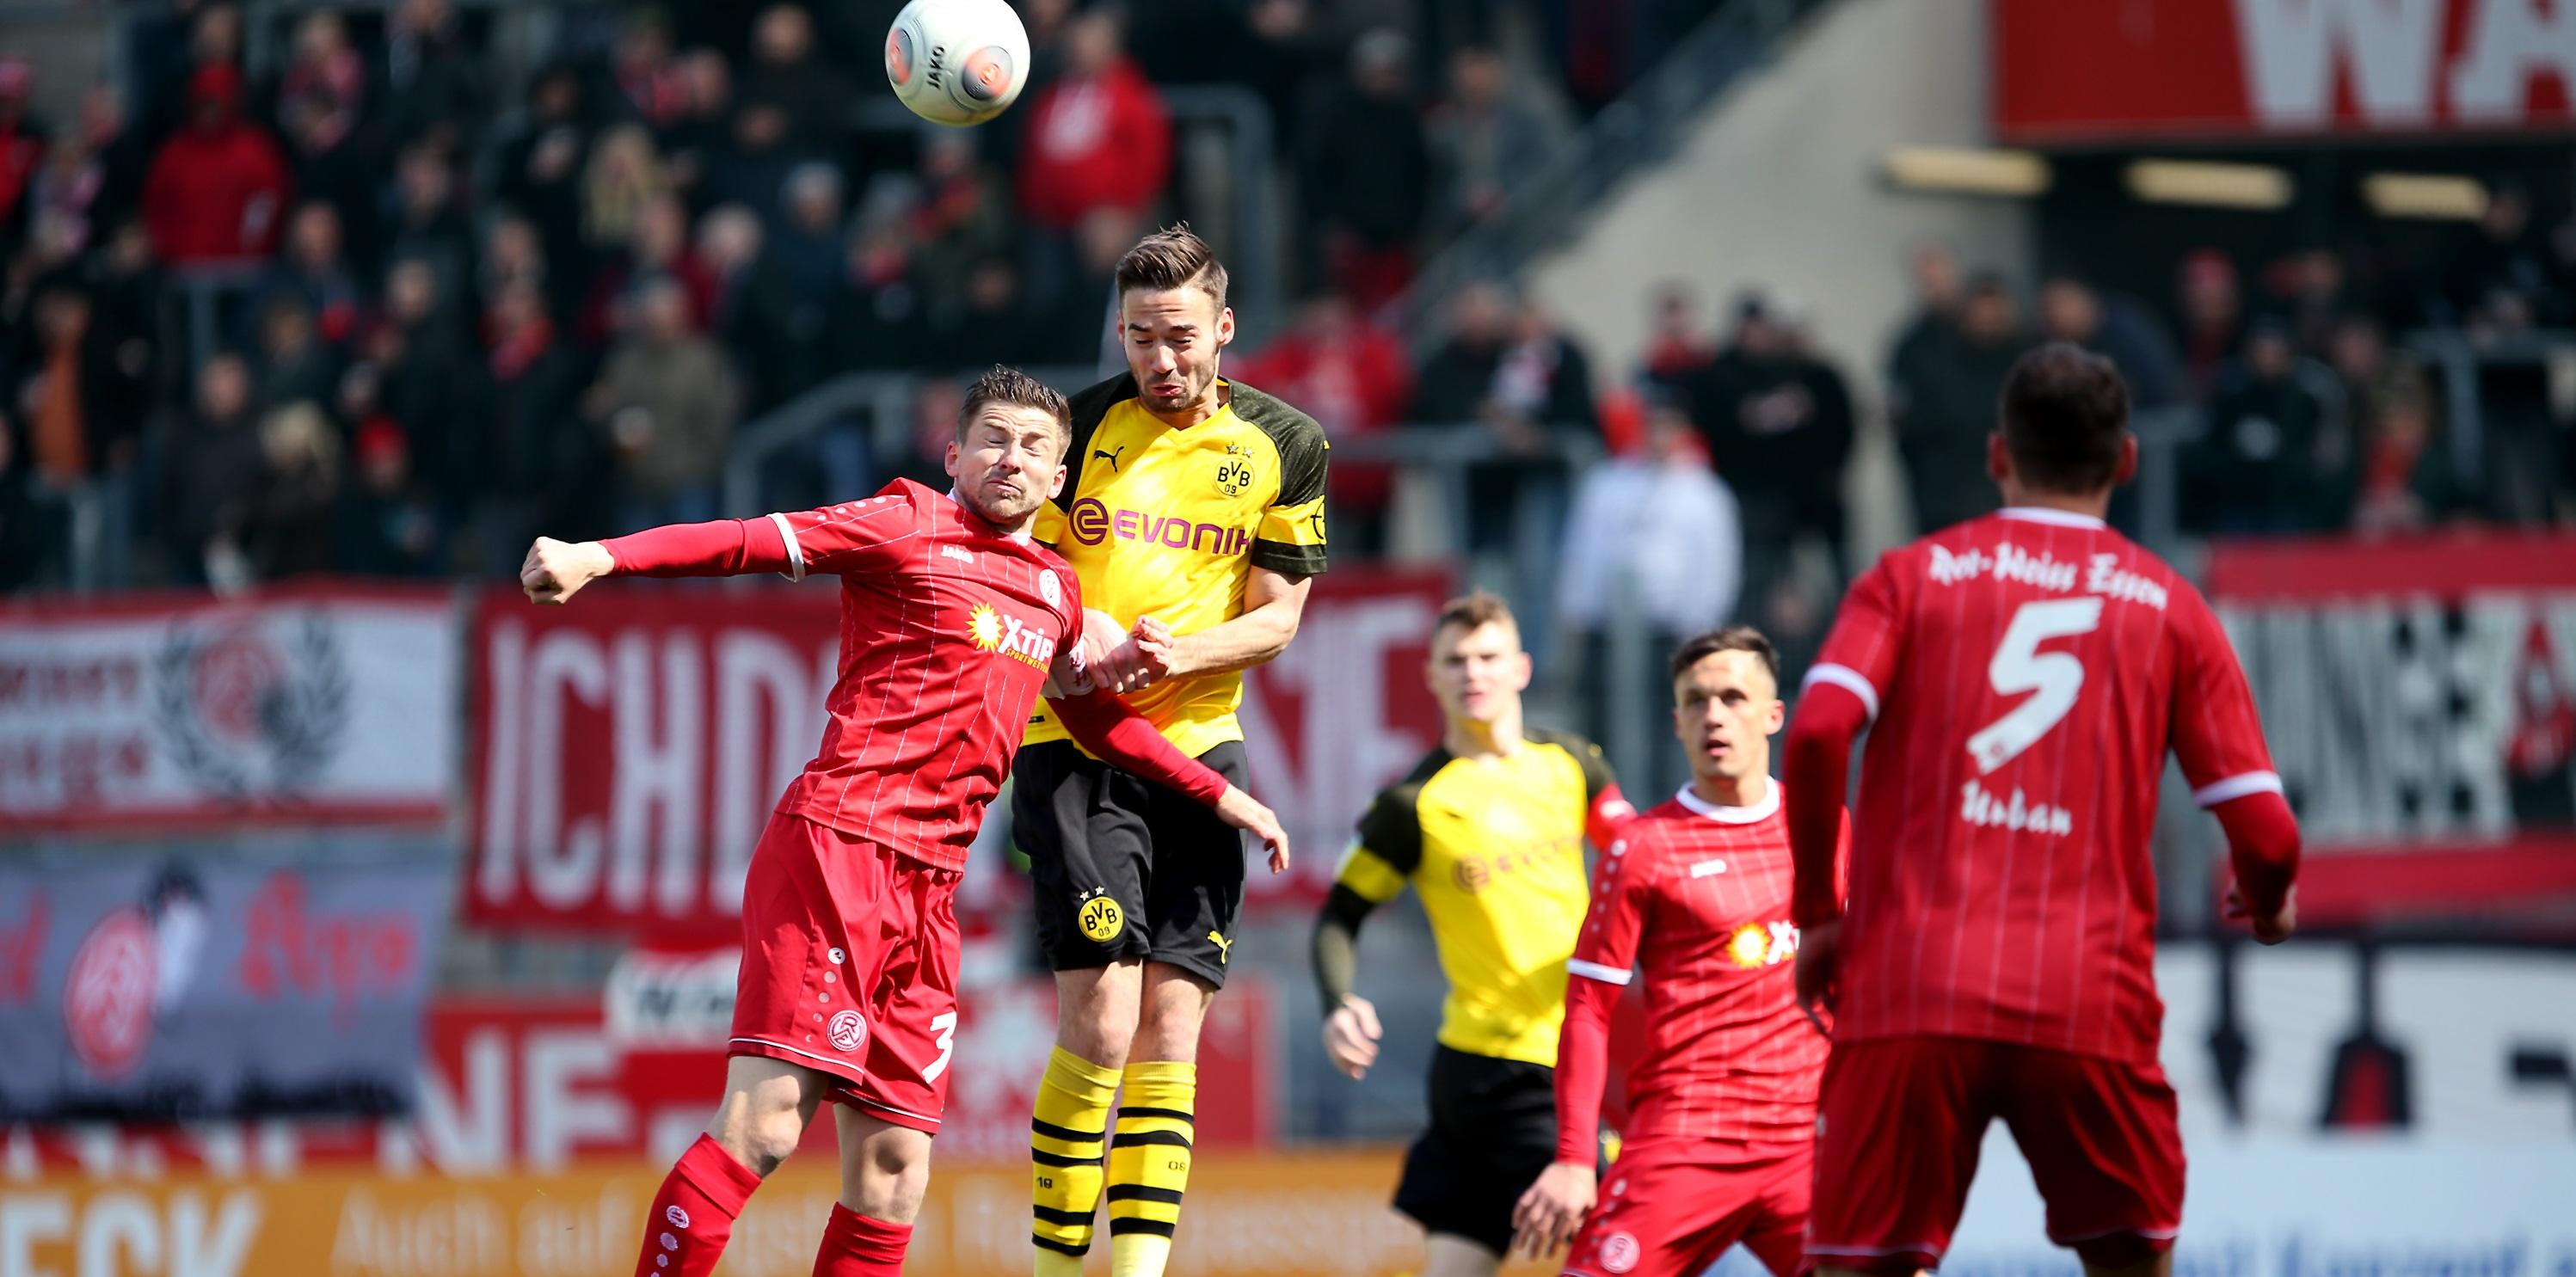 Mit 0:0 trennte sich die U23 von Borussia Dortmund und Rot-Weiss Essen. (Foto: Endberg)